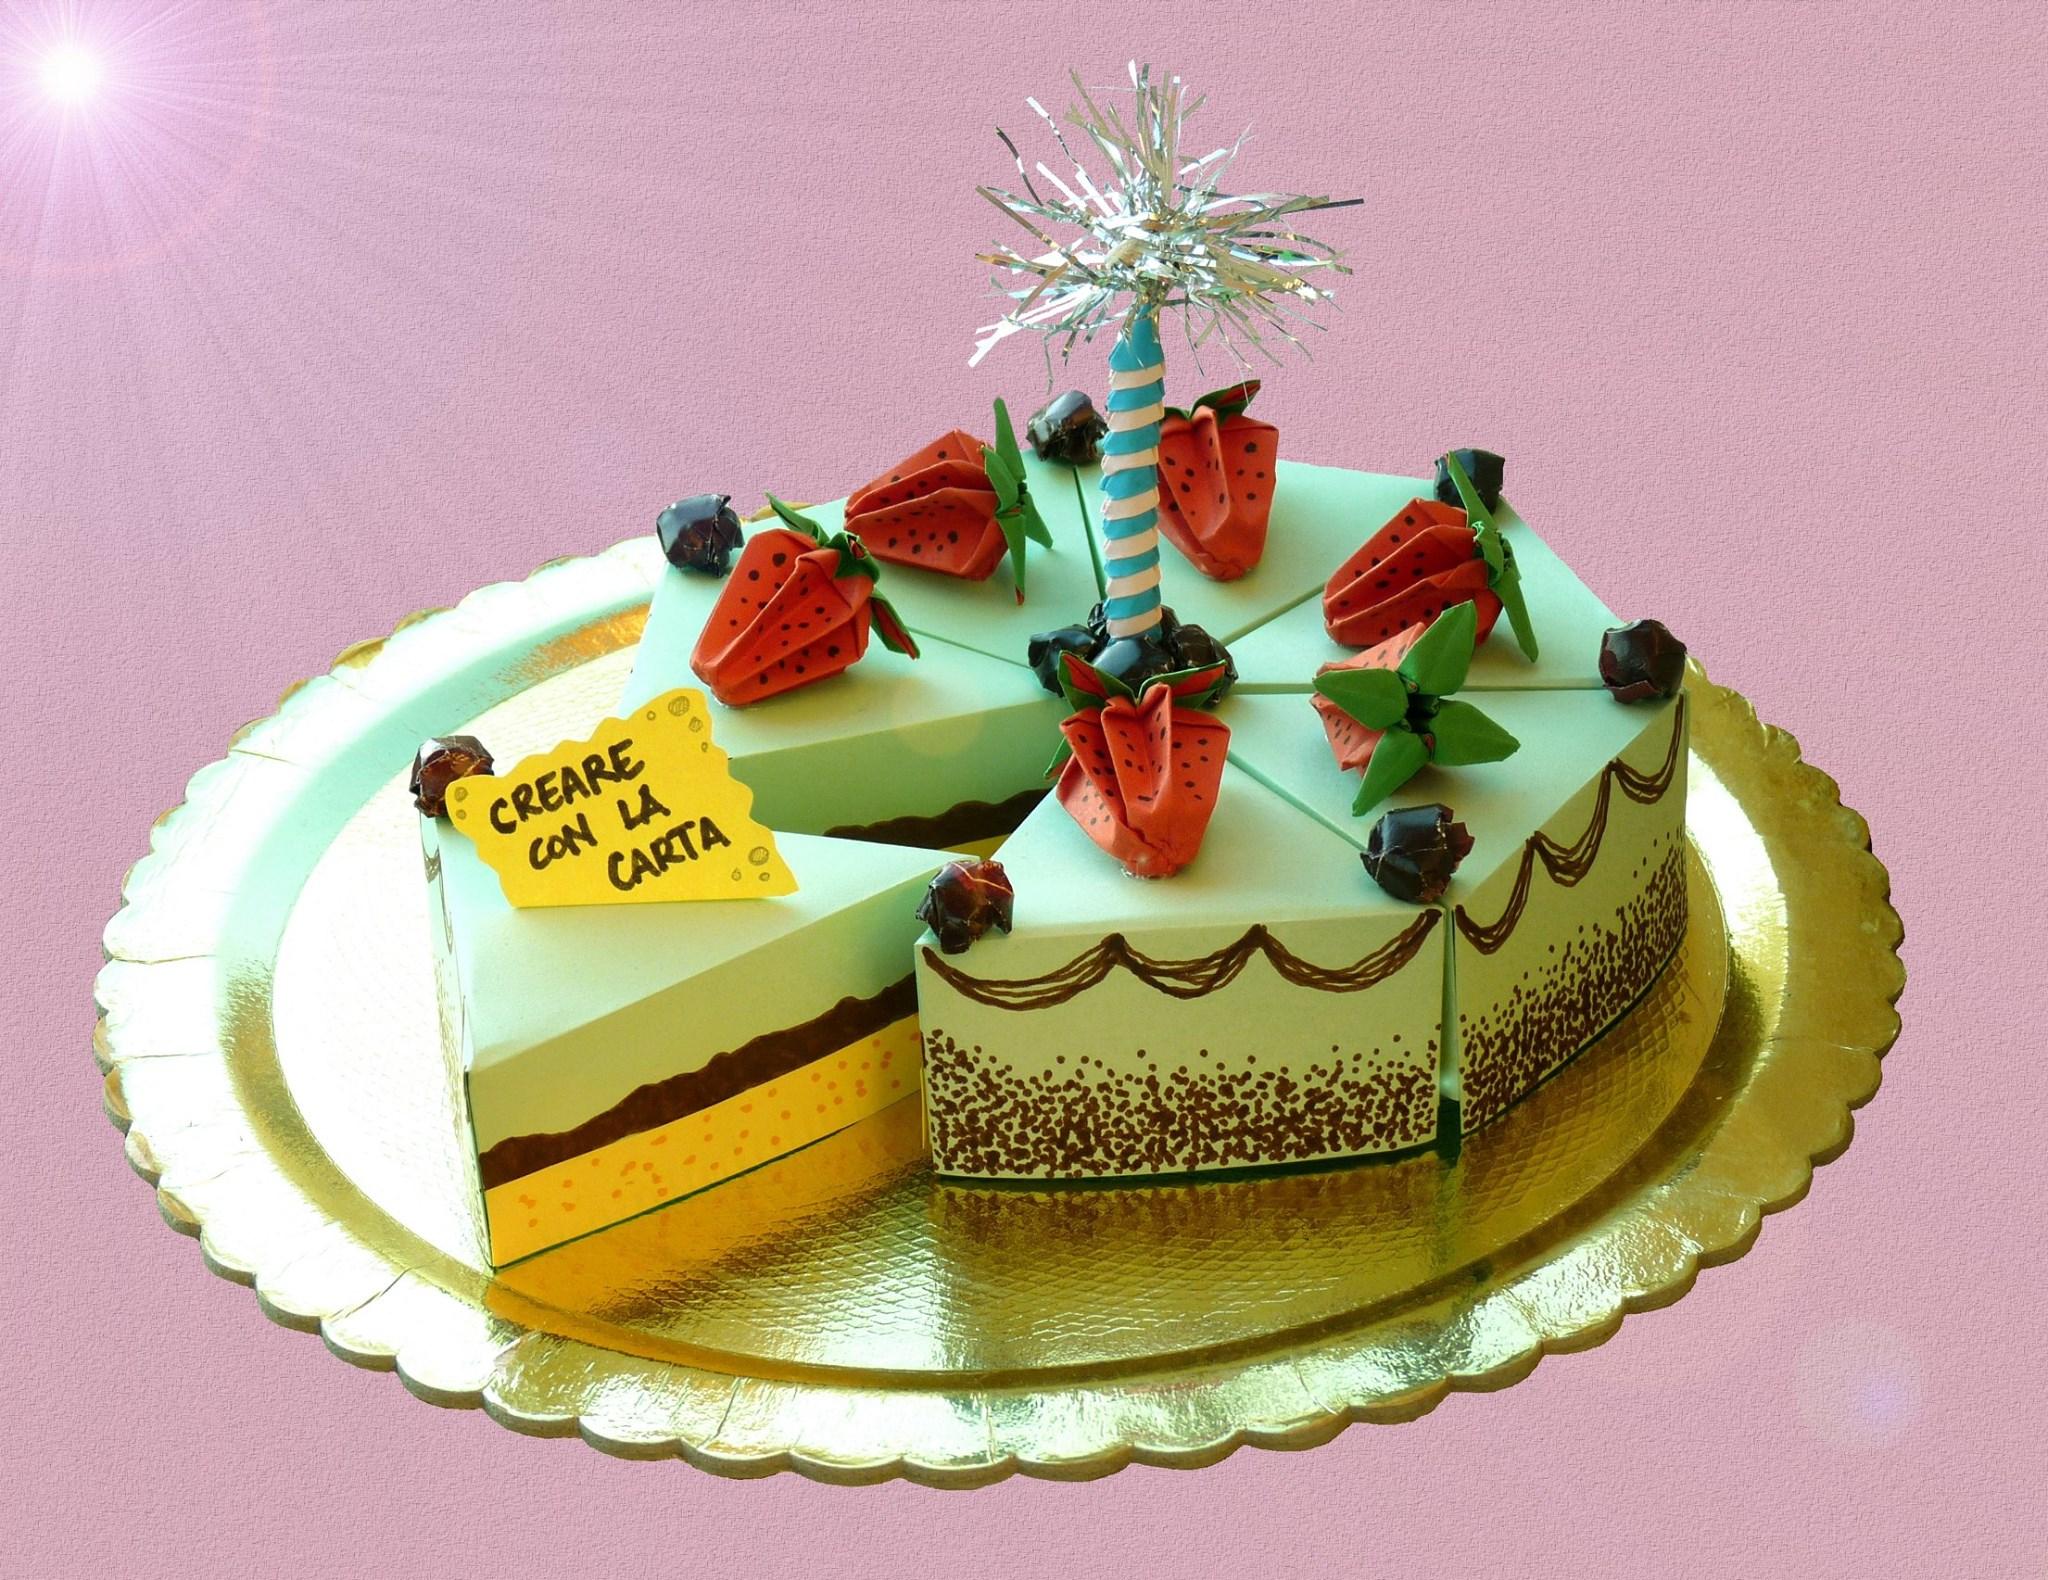 Buon Compleanno A Creare Con La Carta Gli Origami E Kirigami